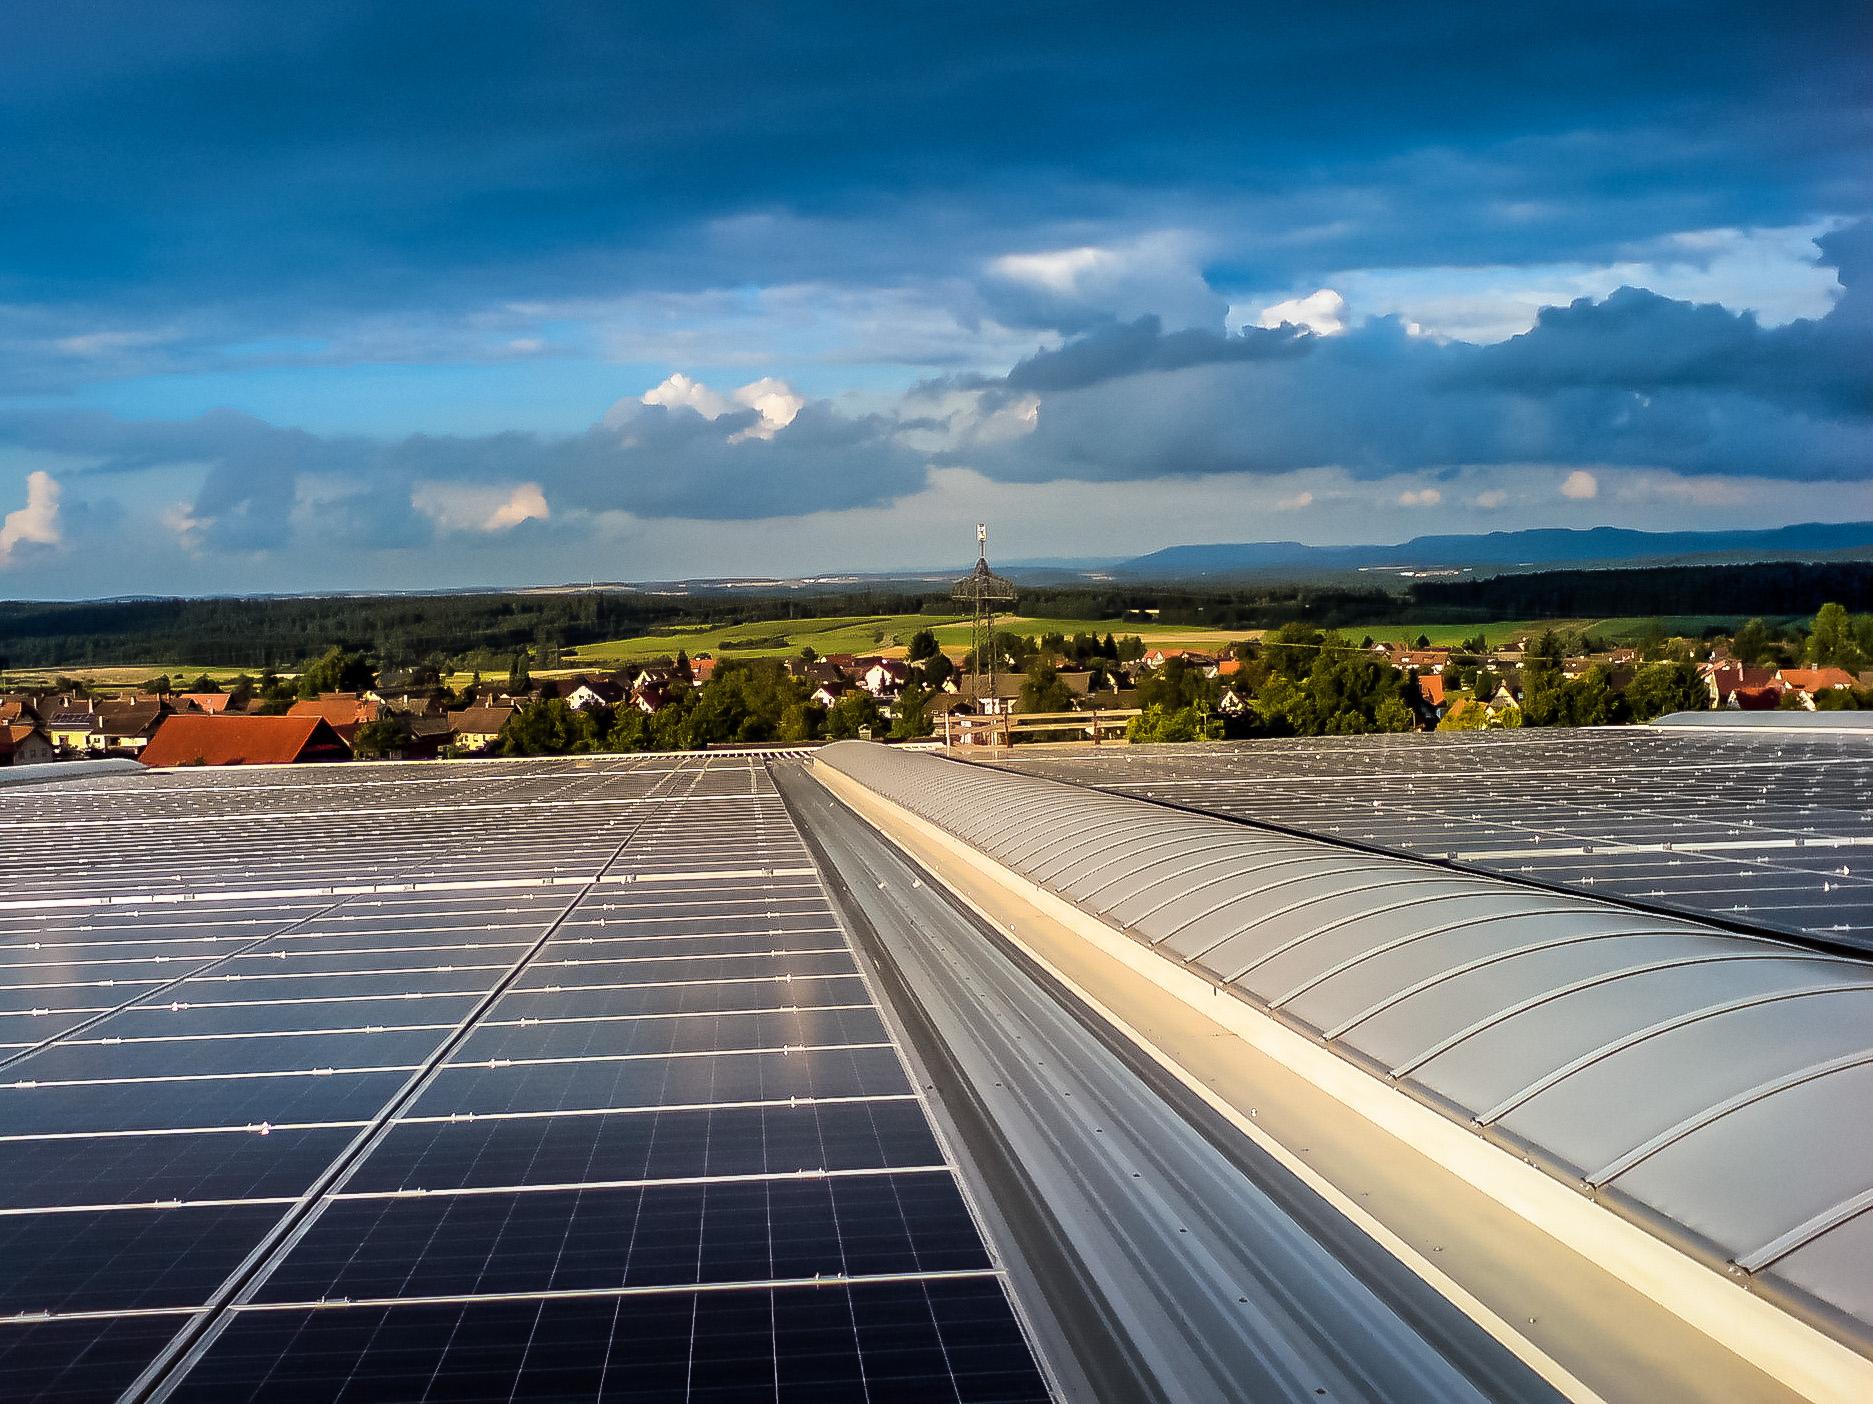 Großflächige Hallendächer energieeffizient nutzen